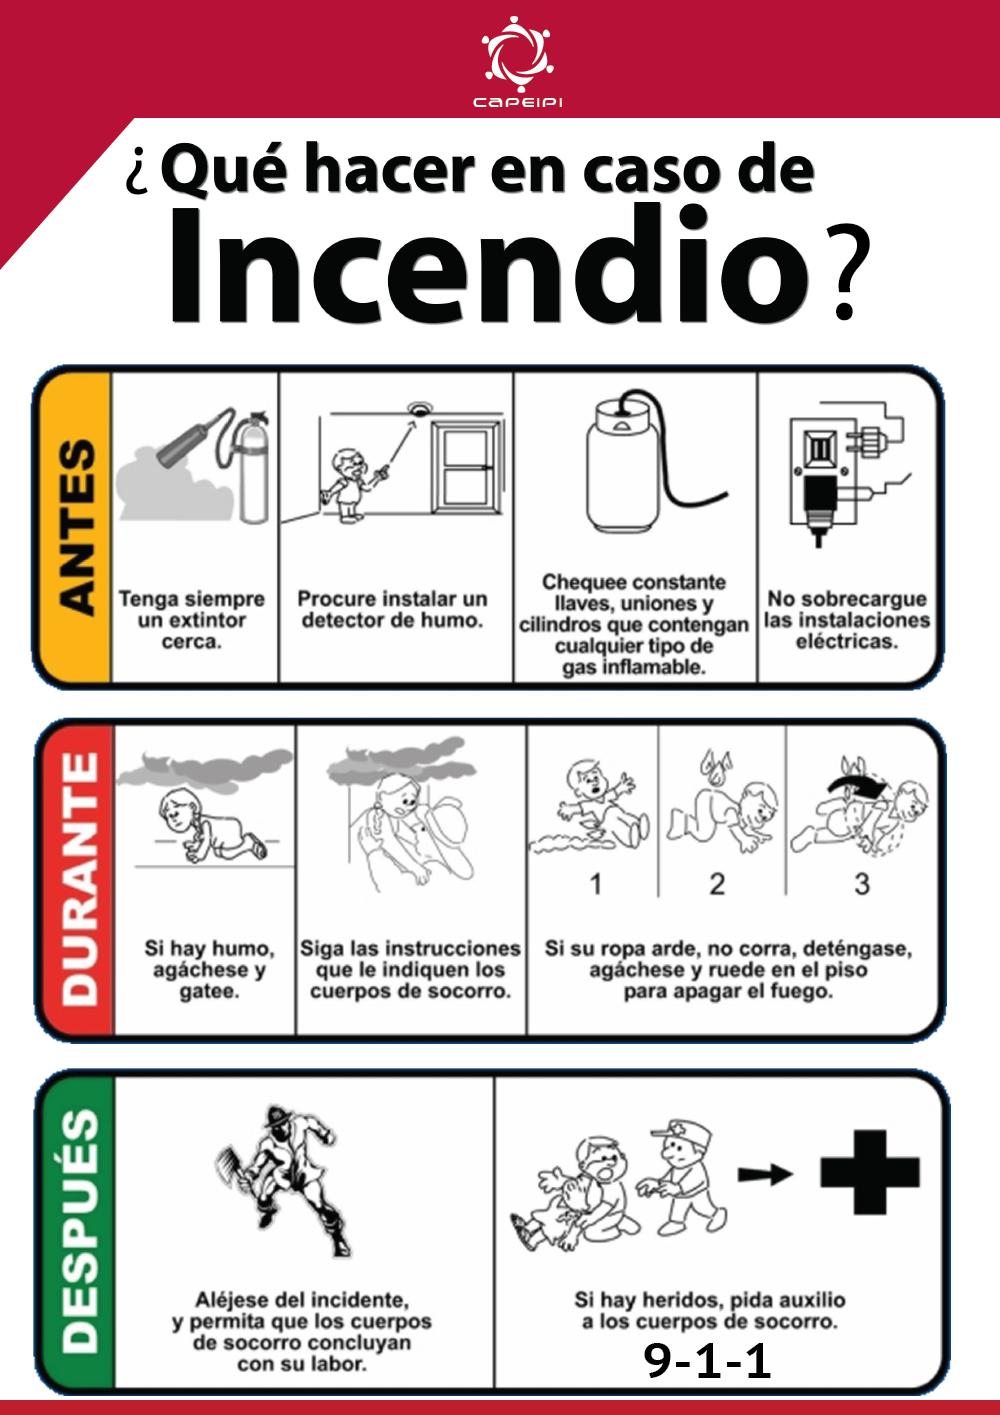 ¿Qué hacer en caso de Incendio?